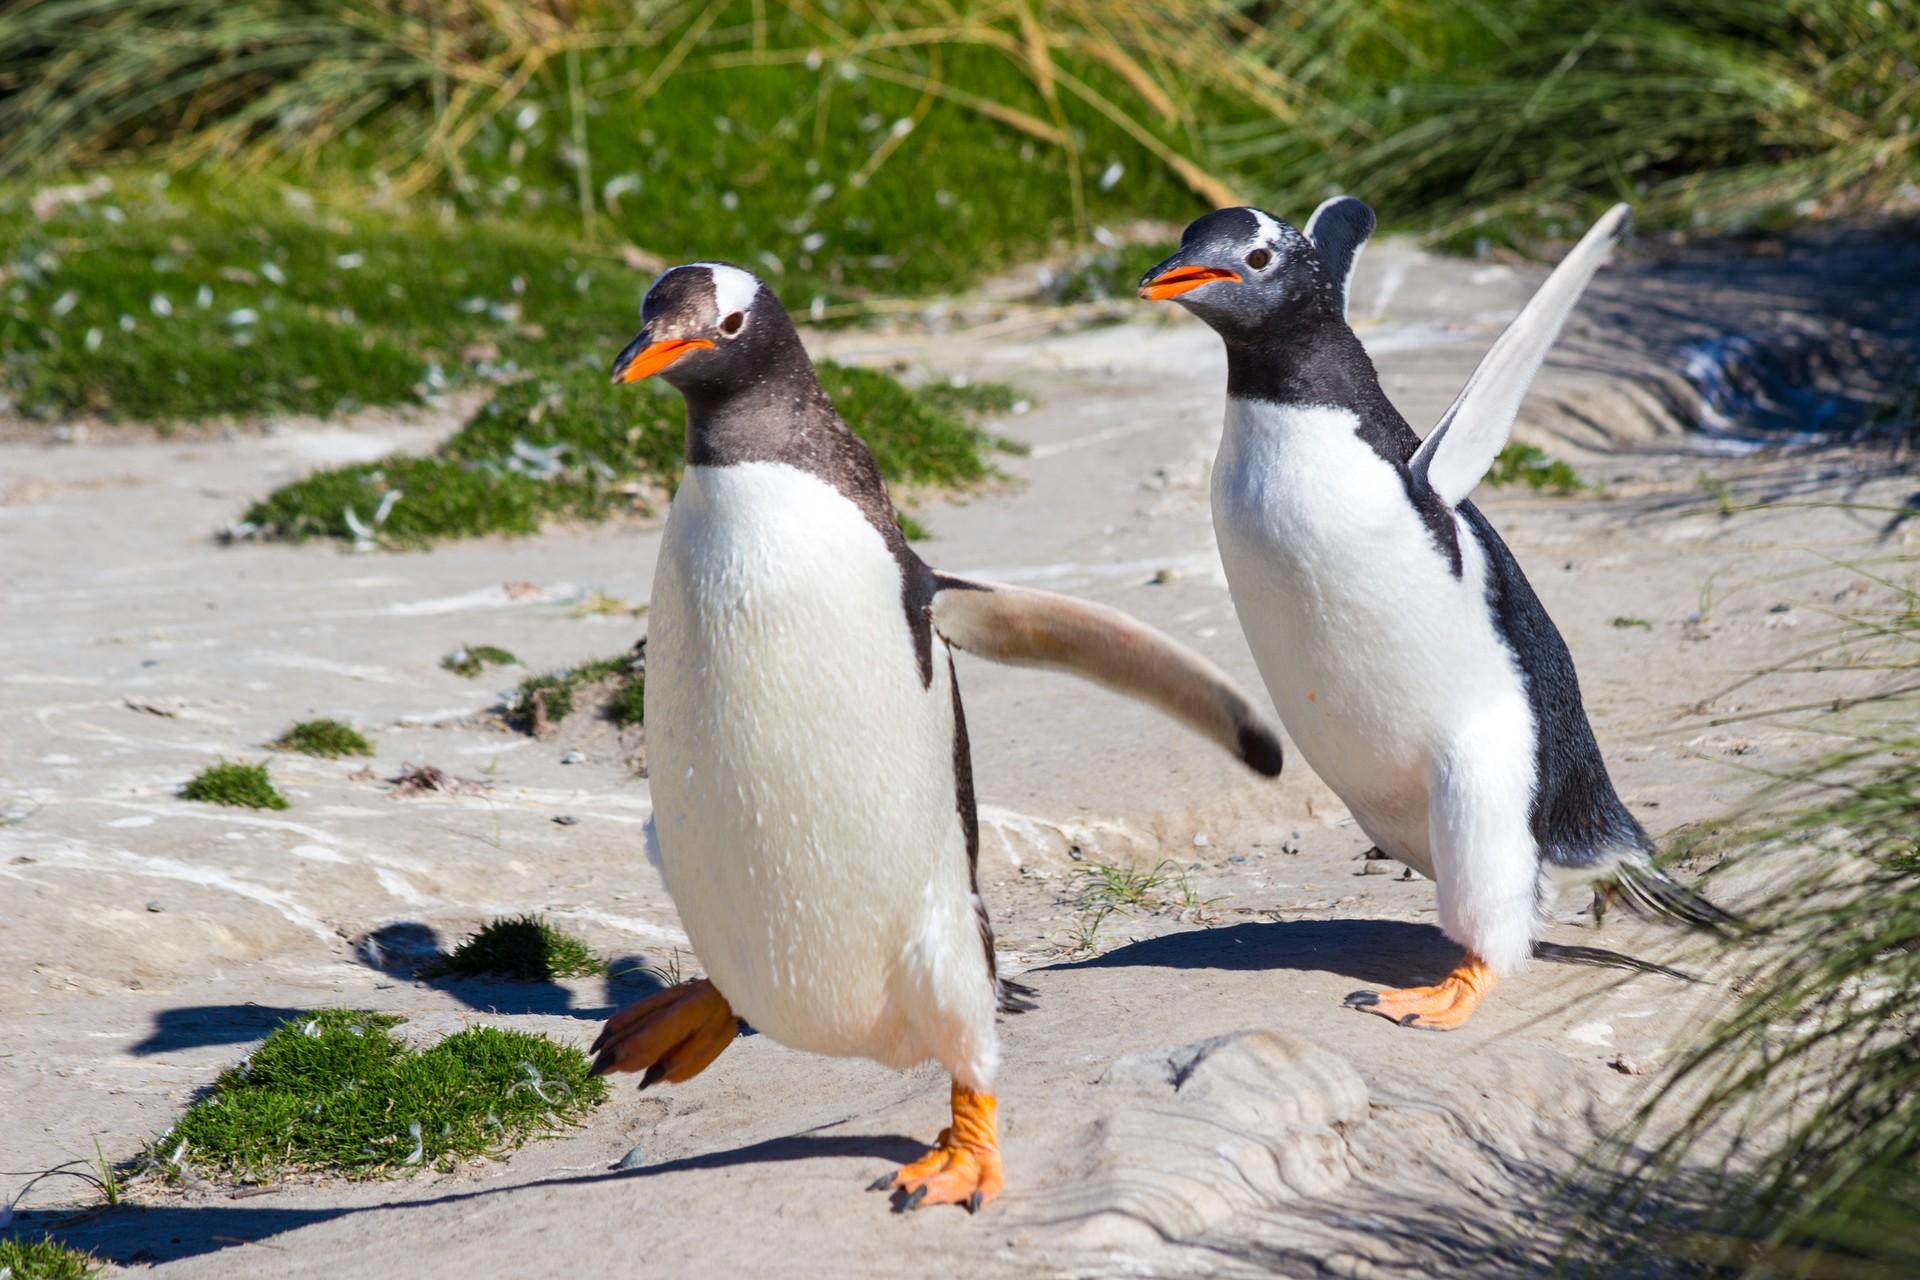 Gentoo penguins in the Falklands